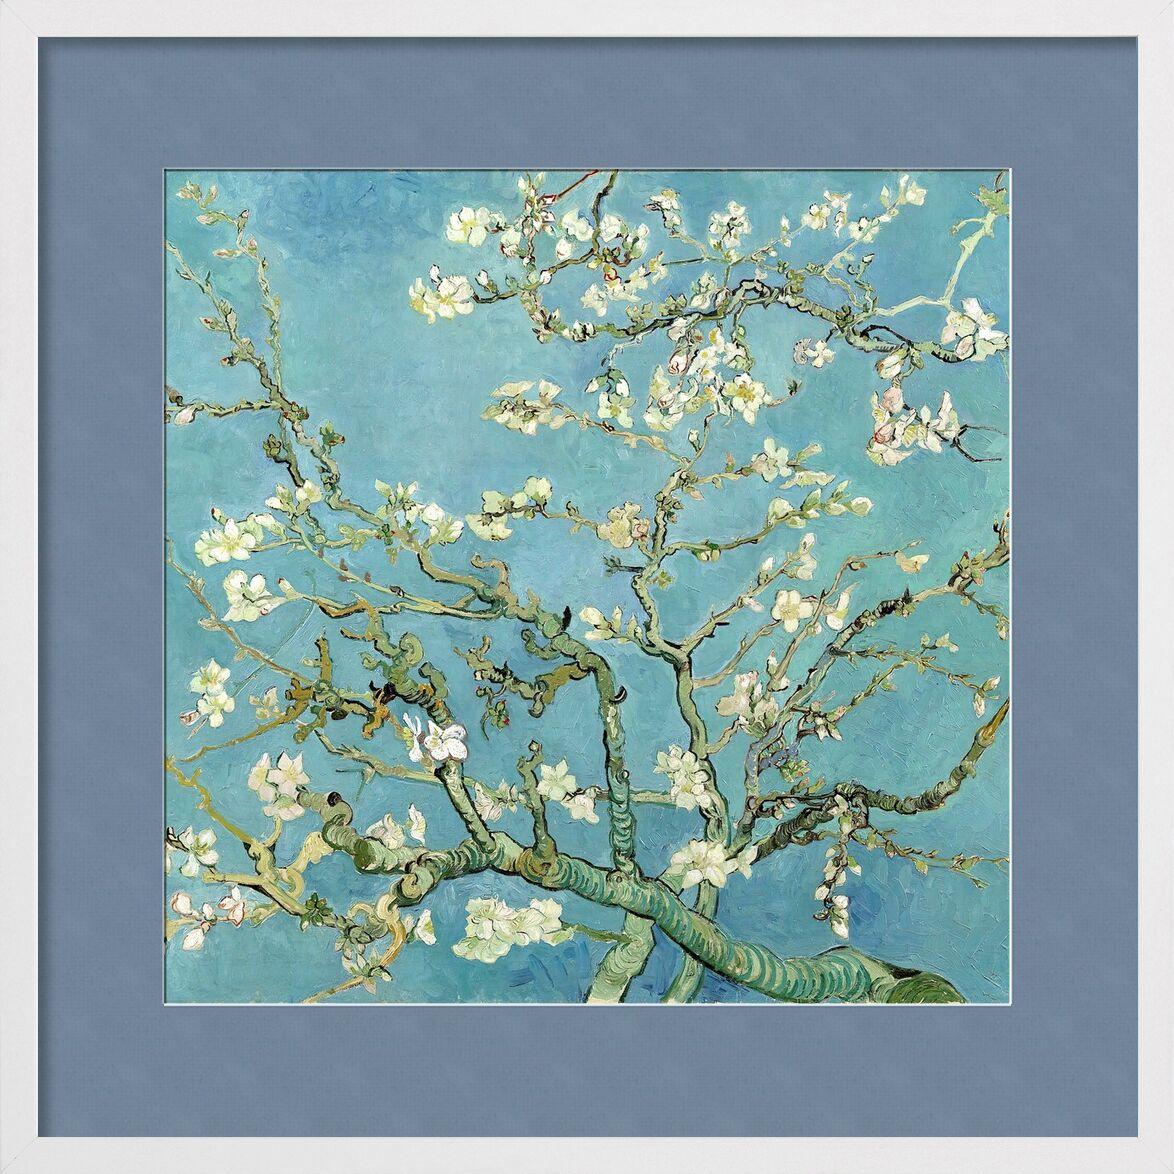 Almond Blossom, Saint-Rémy - VINCENT VAN GOGH 1890 from Aux Beaux-Arts, Prodi Art, flowering tree, VINCENT VAN GOGH, nature, flowers, branch, tree, painting